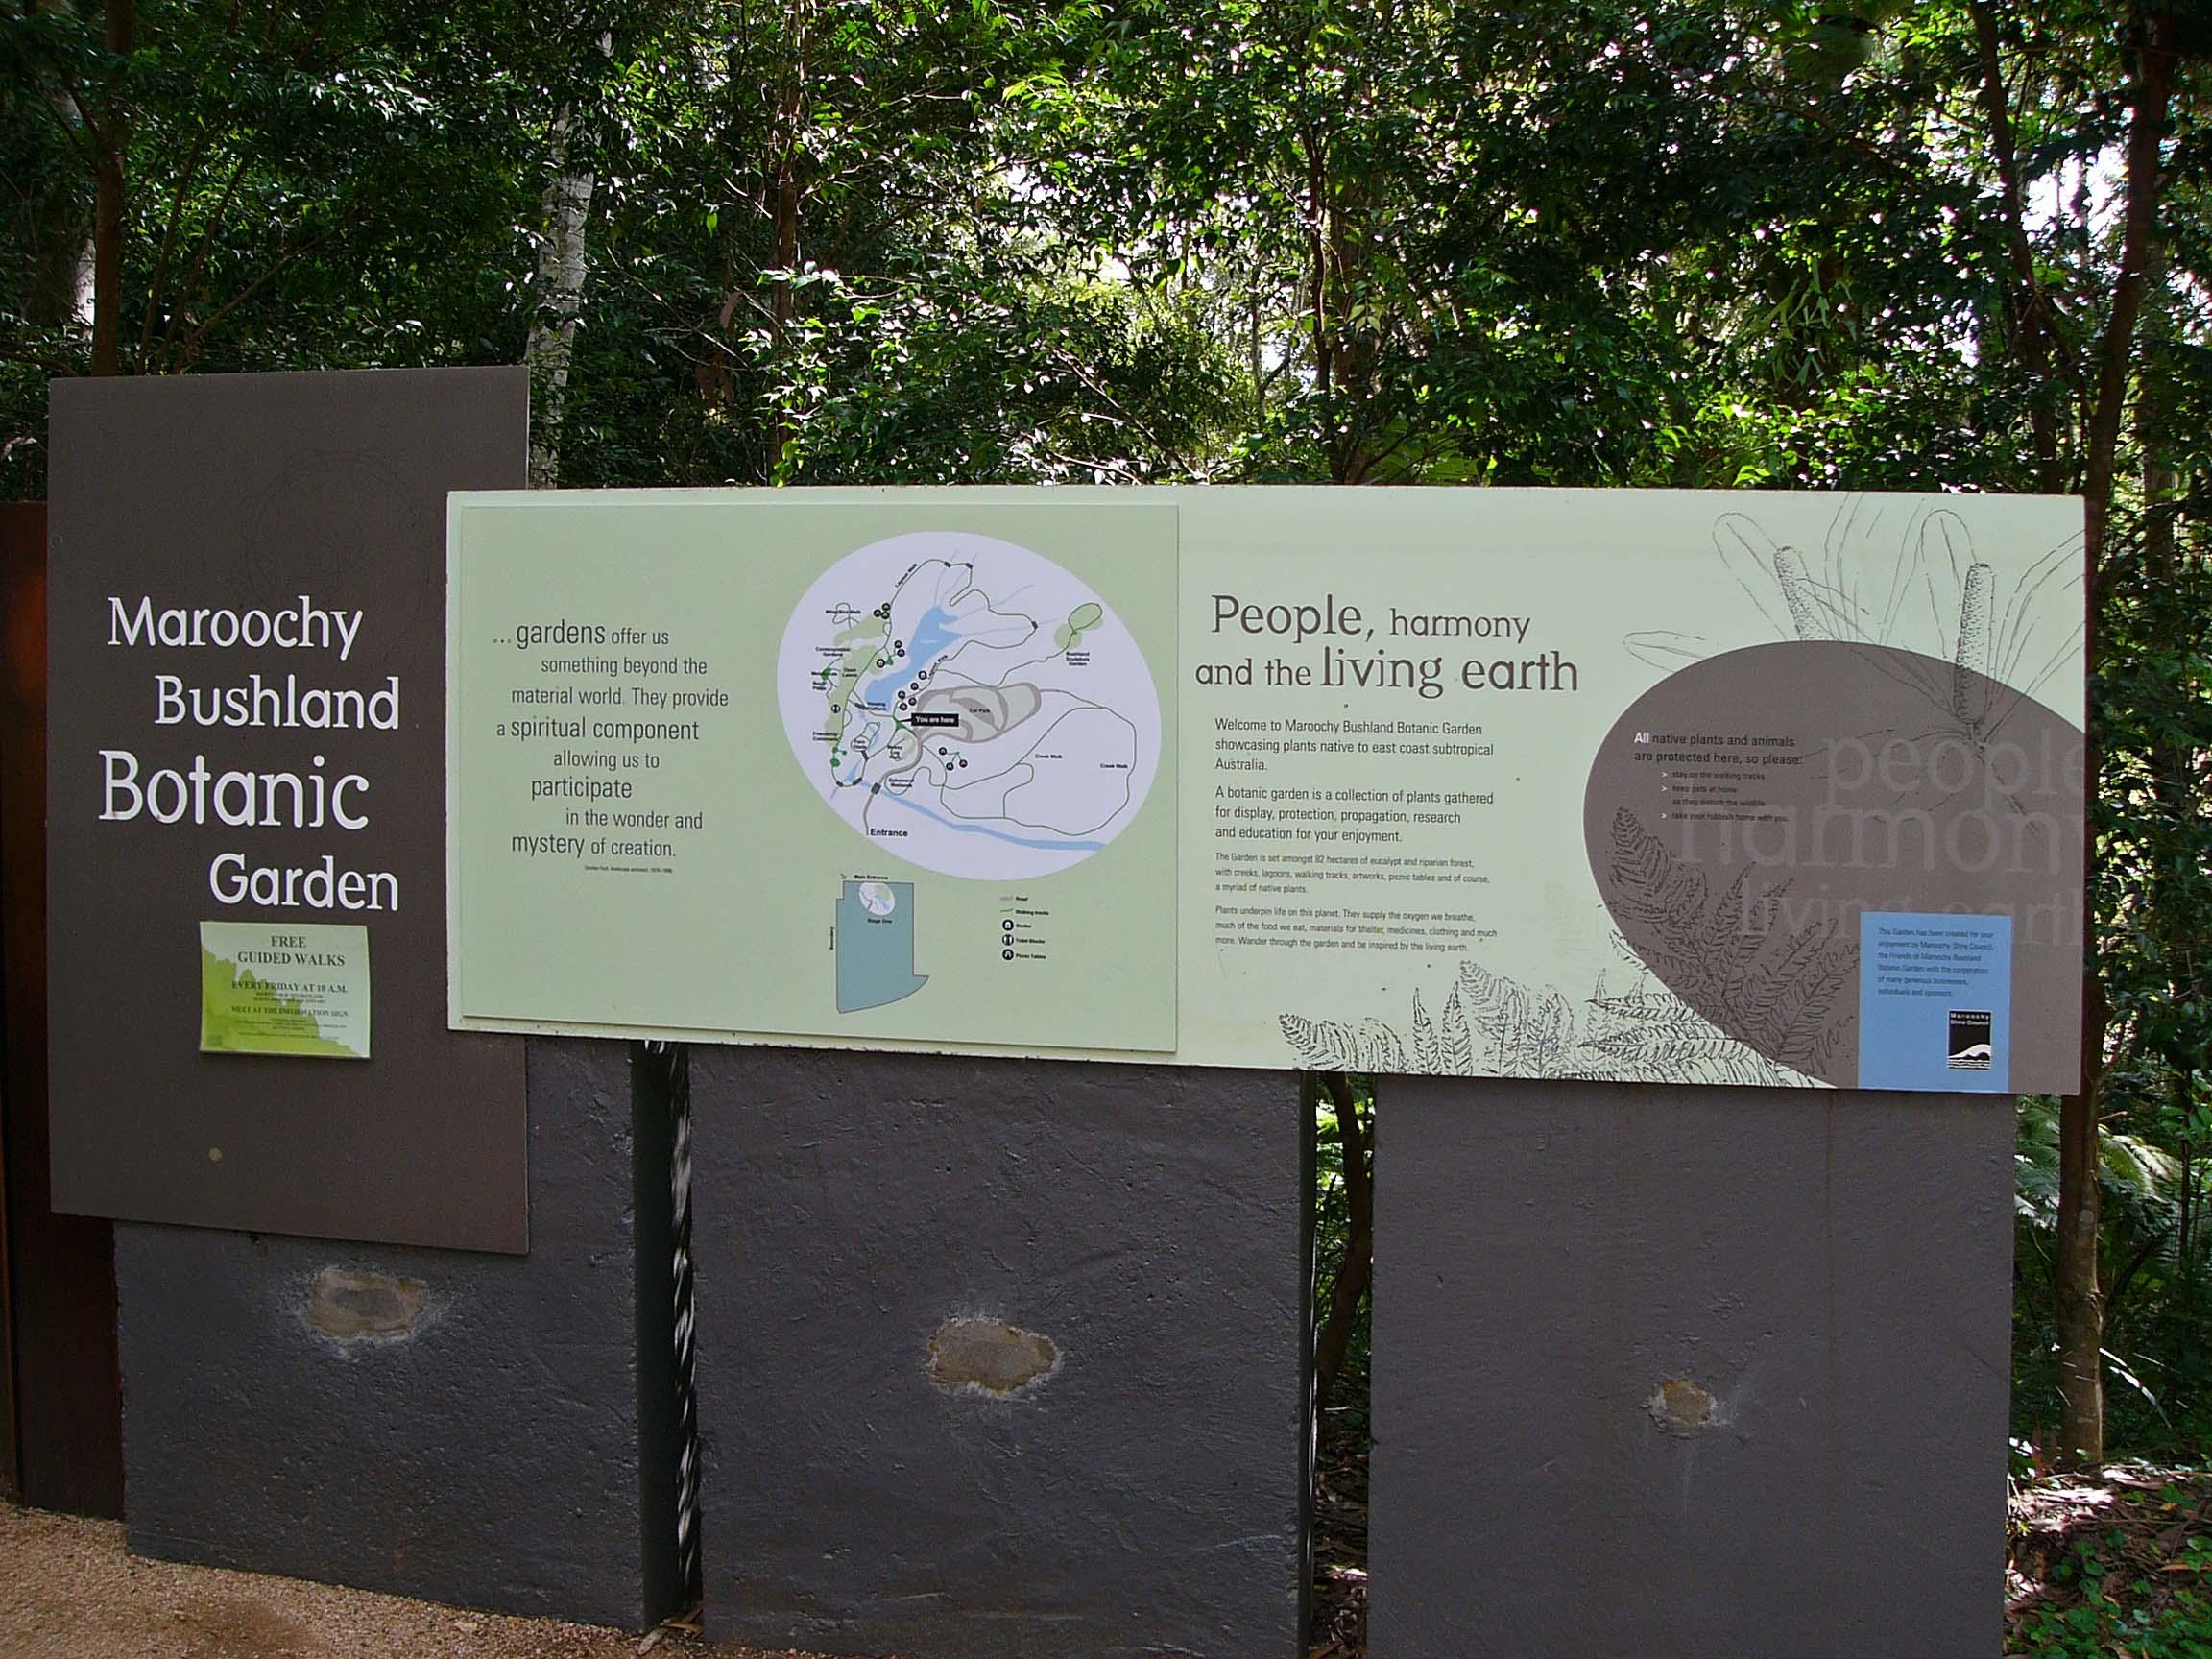 Trail Image for Maroochy Regional Bushland Botanic Garden: Lagoon walk